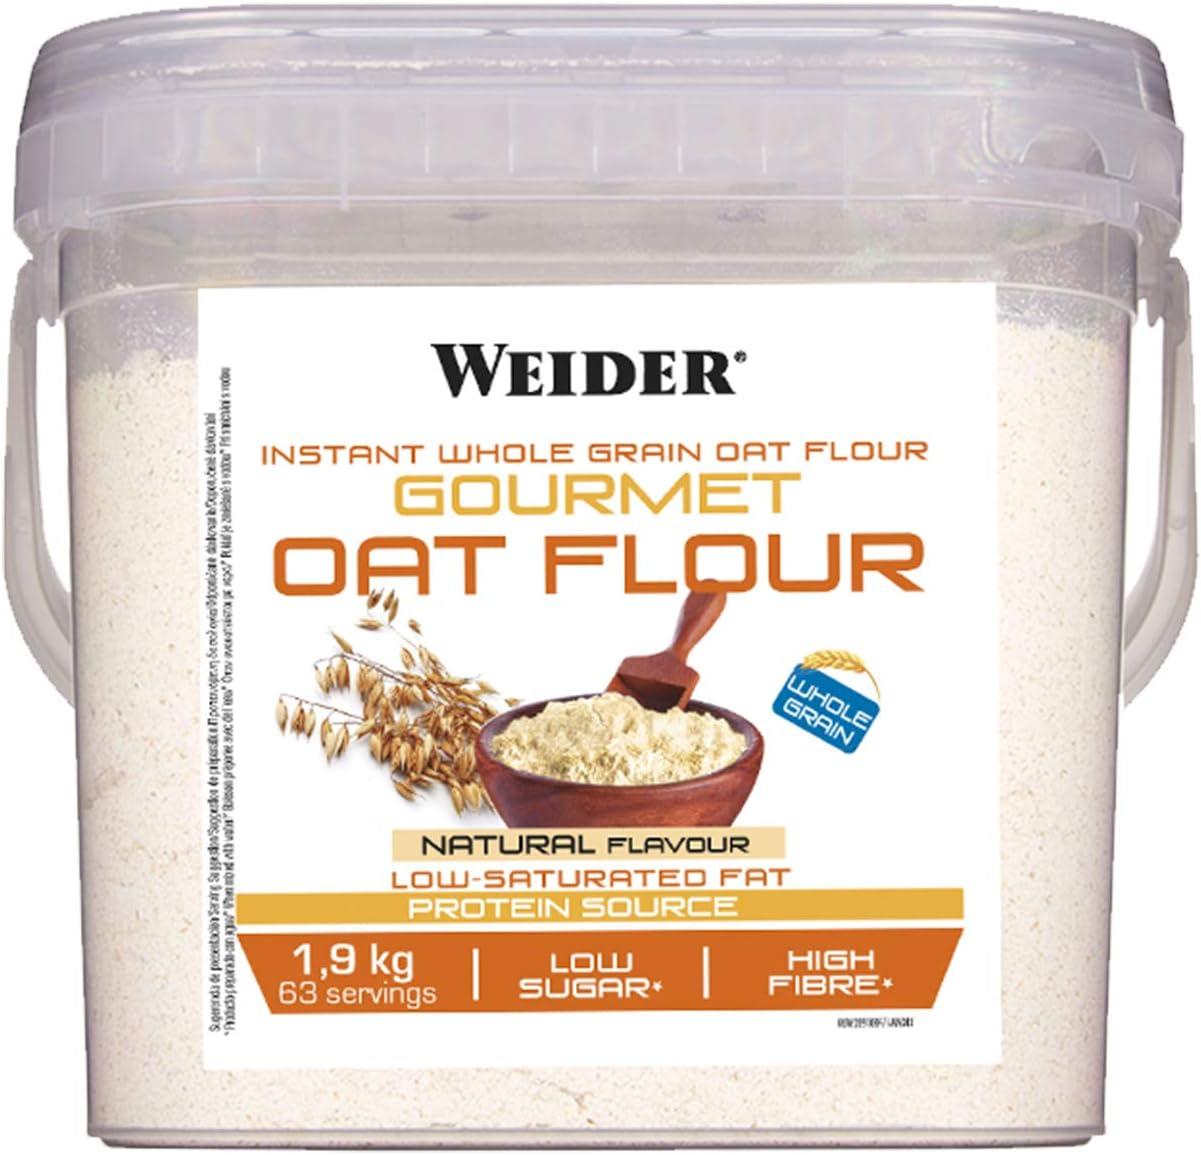 Weider Oat Gourmet. Harina de Avena Integral. Fuente de proteína con bajo contenido en azúcares. Sabor Neutro (1,9 kg)